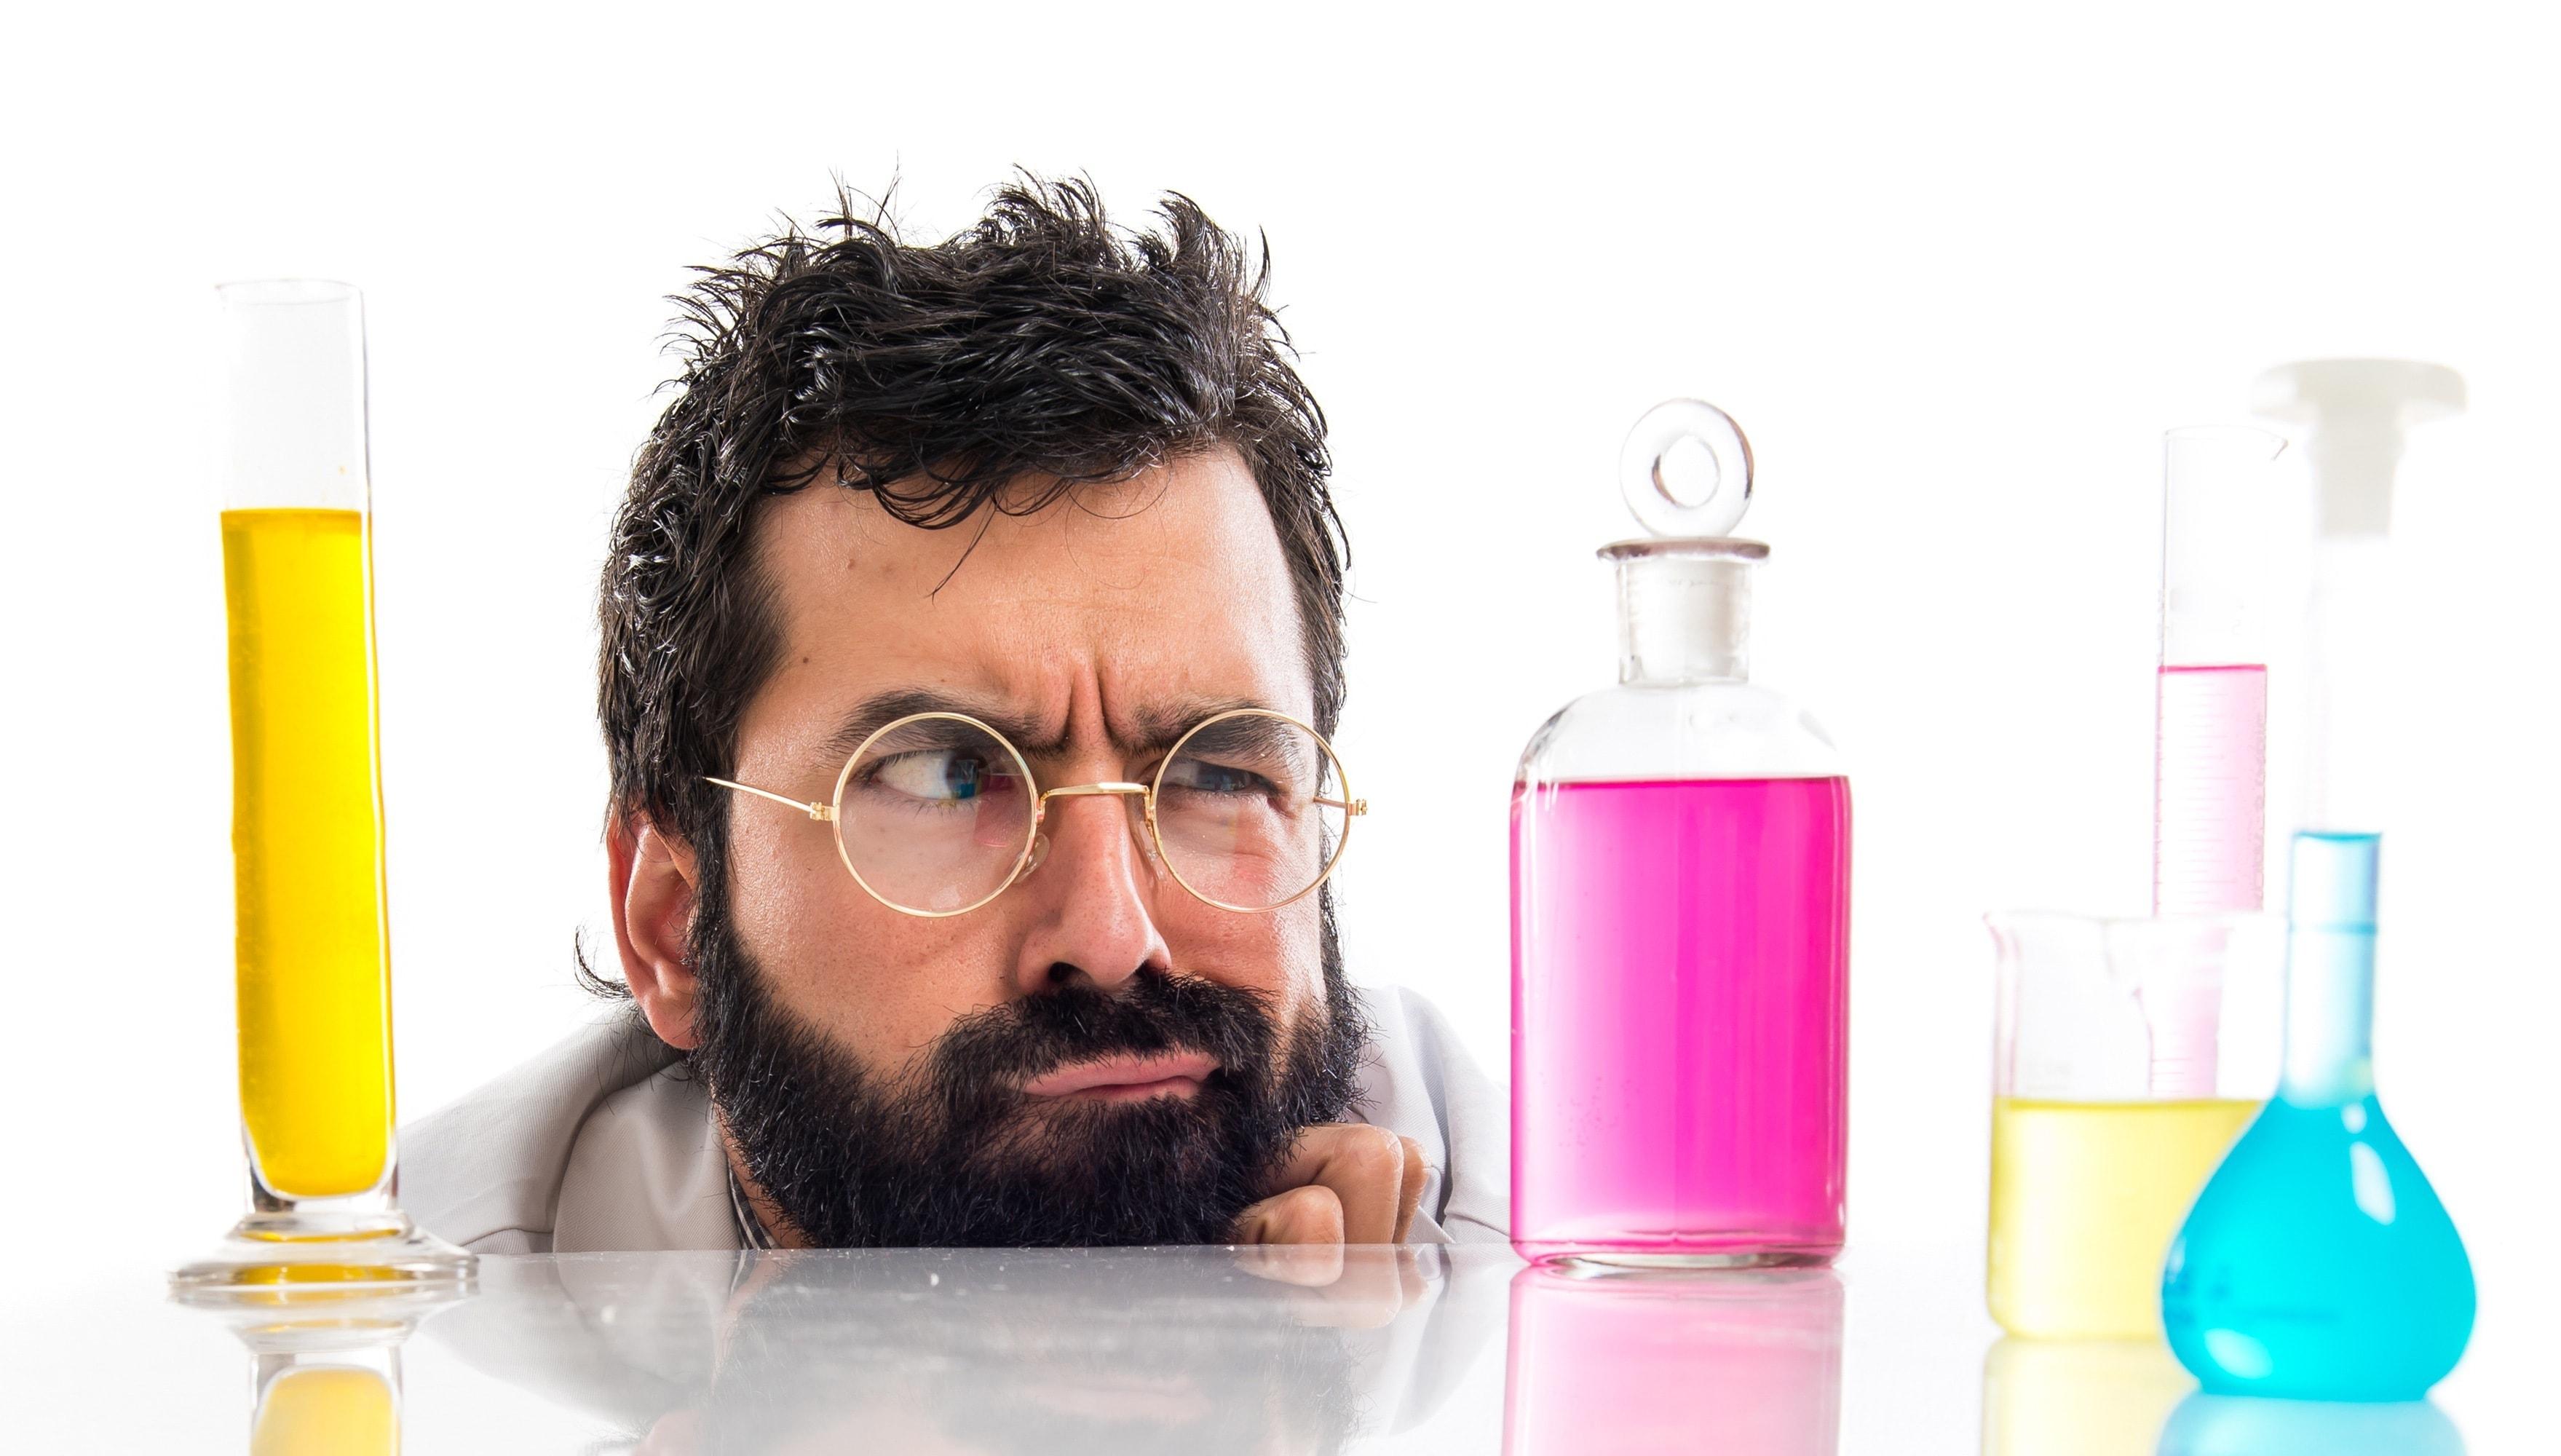 Тест по химии: Это реальный химический элемент или мы его придумали?